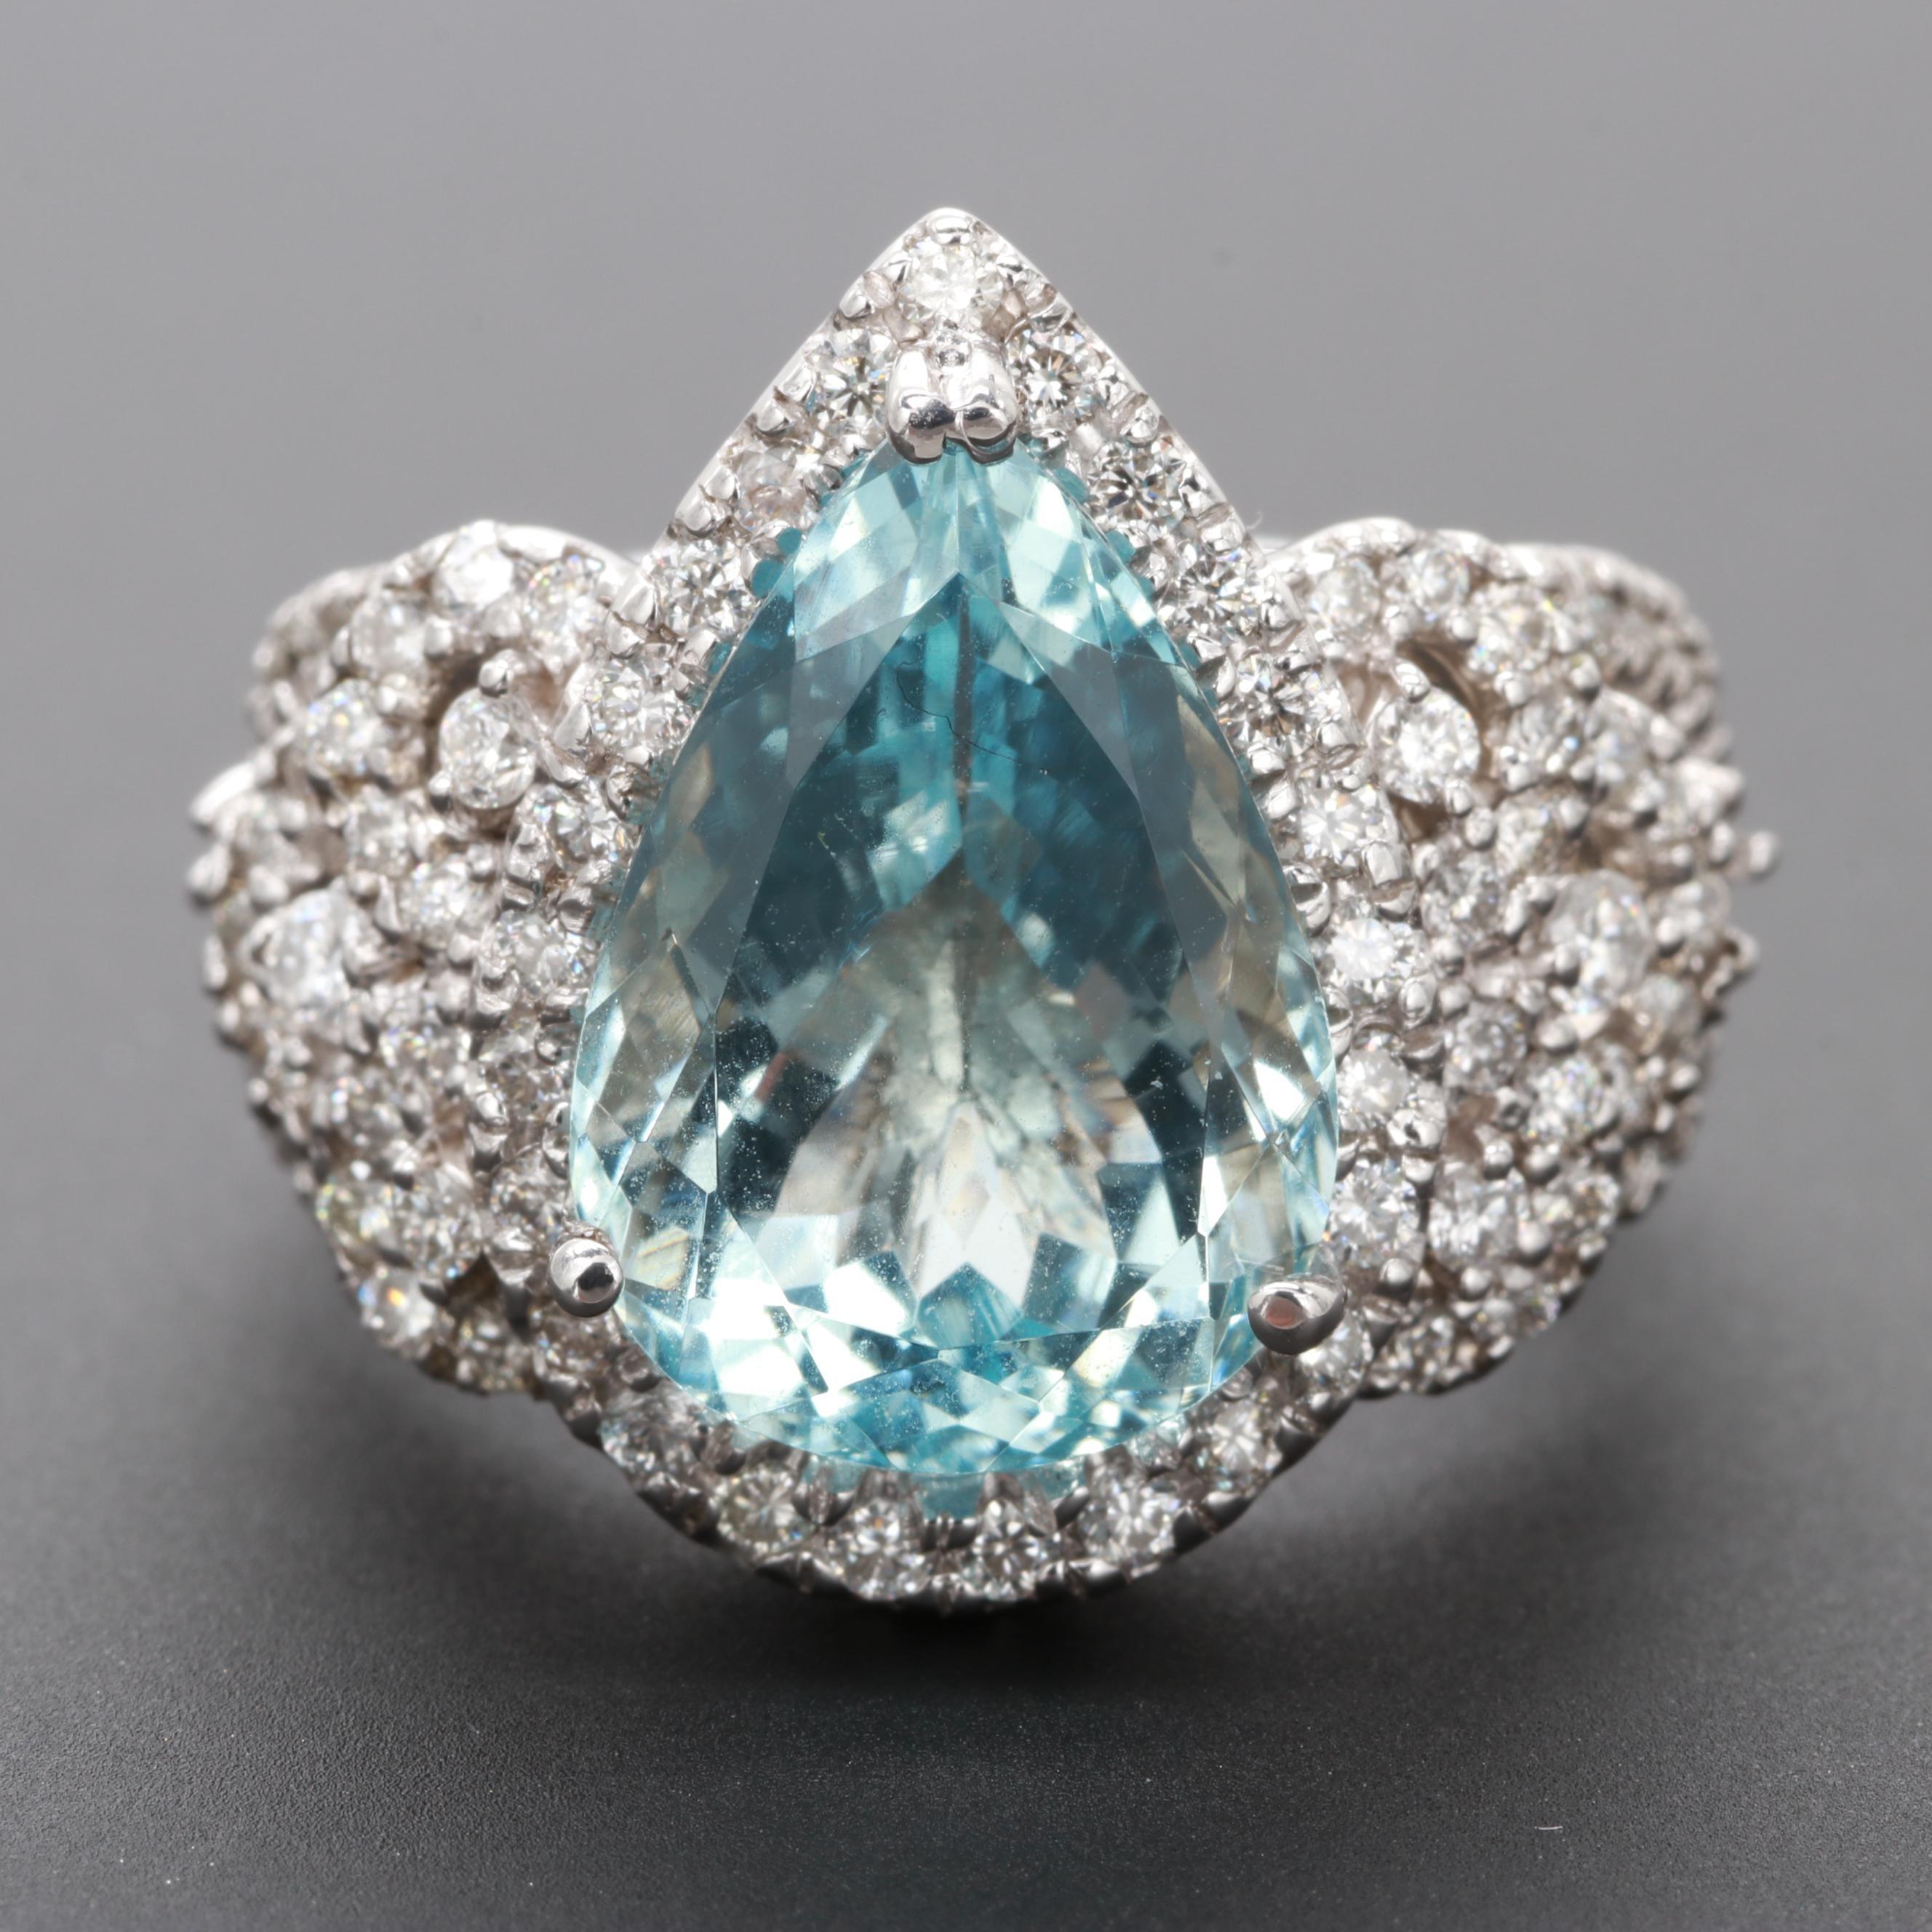 14K White Gold Aquamarine and 1.28 CTW Diamond Ring